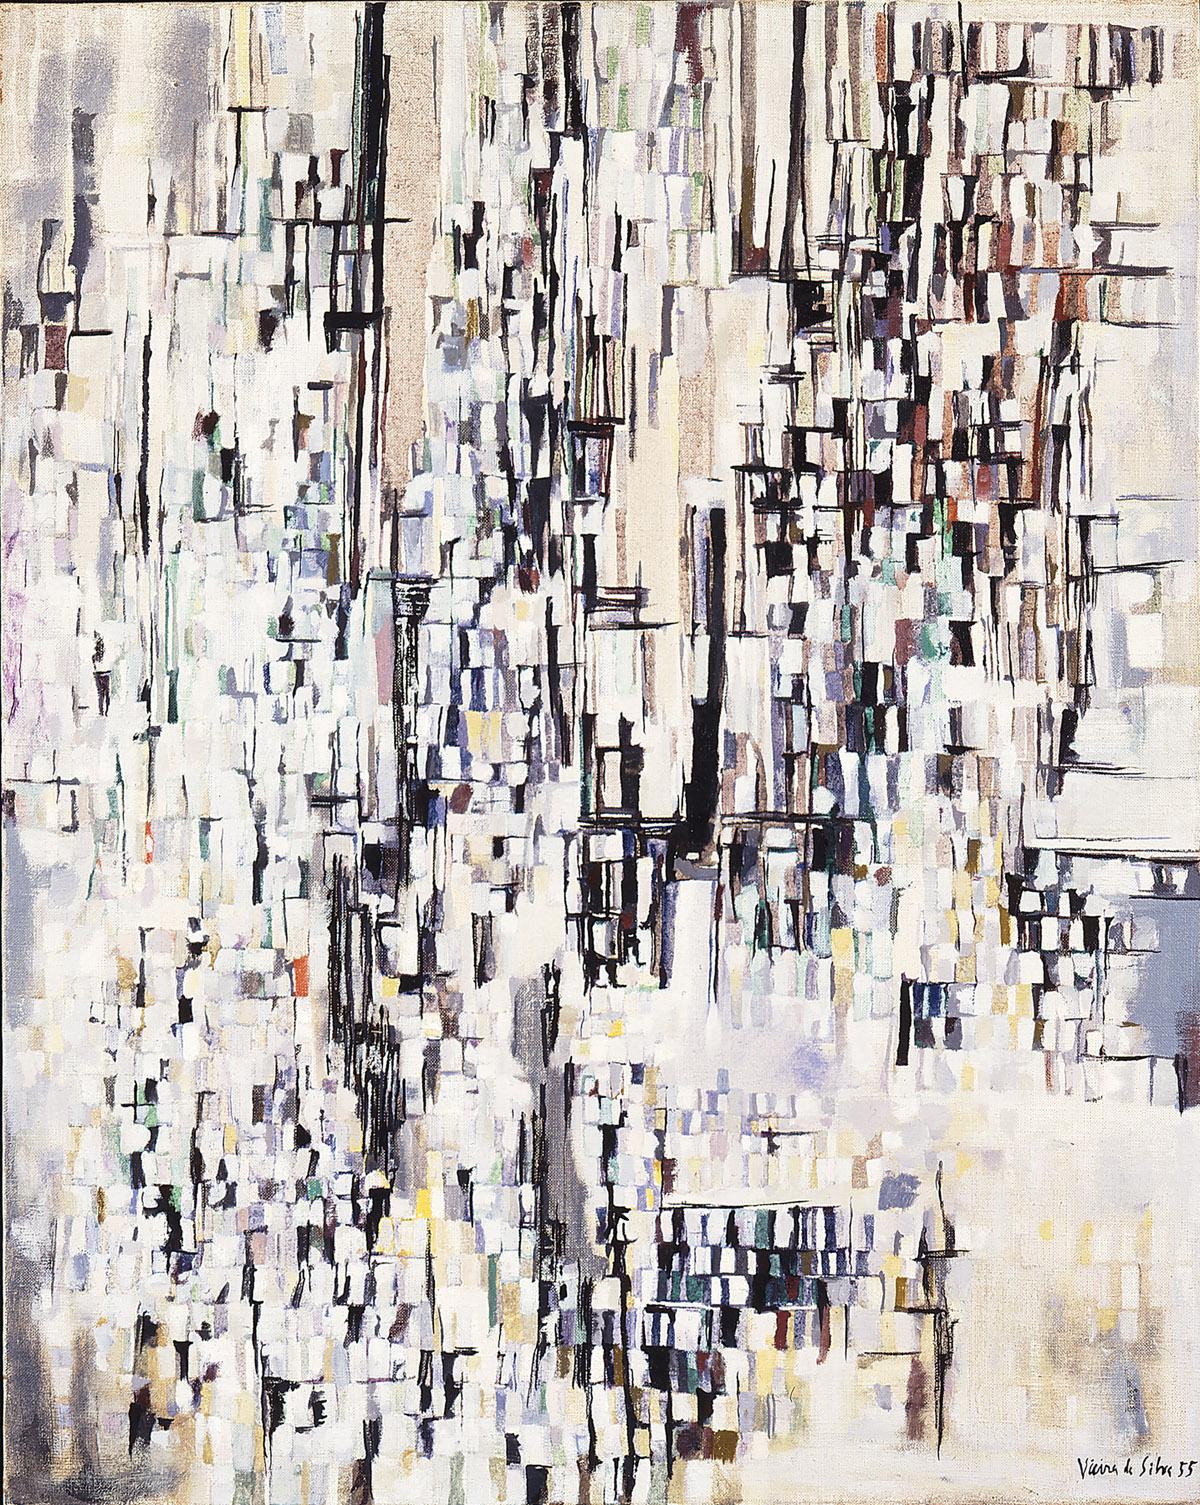 Thus did Maria Elena Vieira da Silva explains her approach to her art,